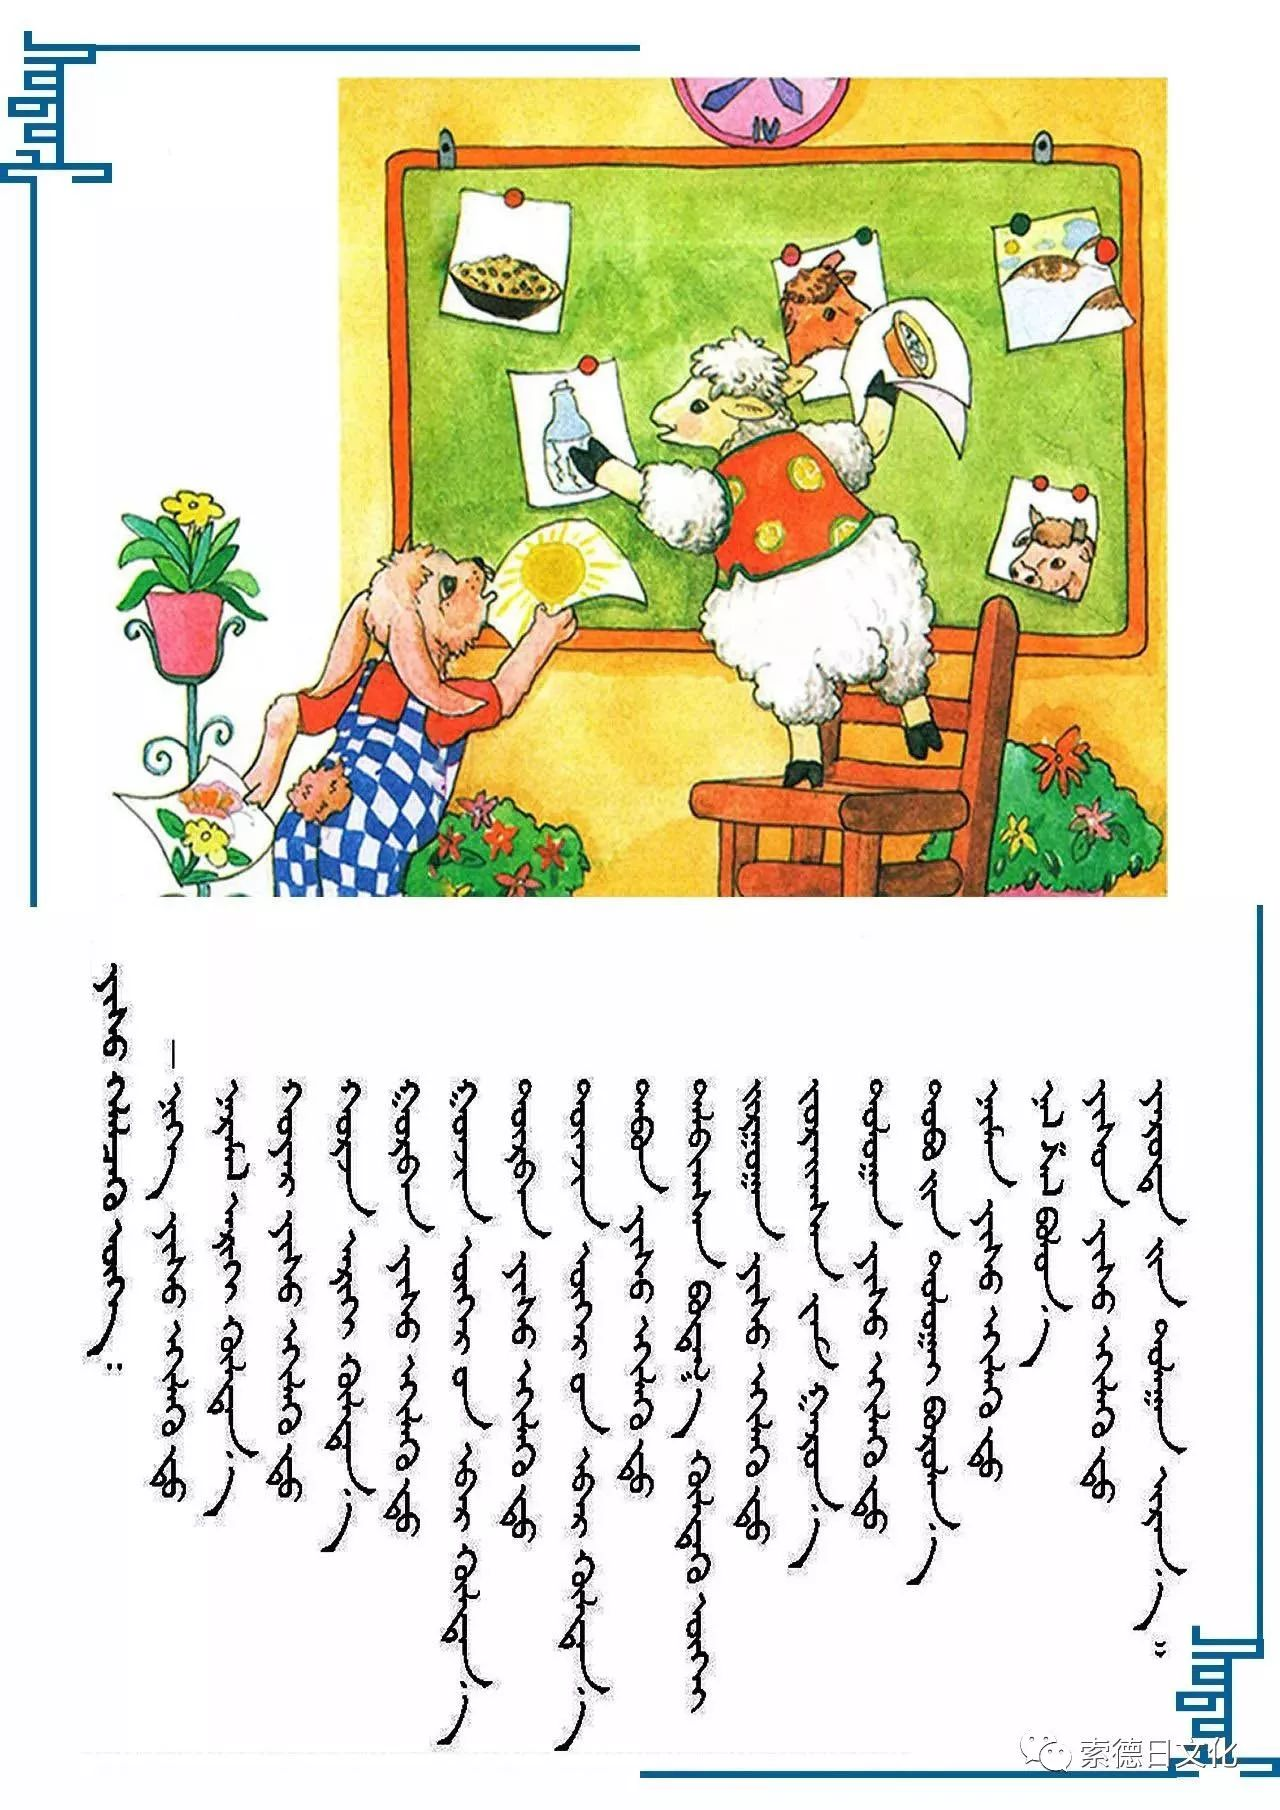 蒙古欢悦词 — 插图版 第5张 蒙古欢悦词 — 插图版 蒙古文库